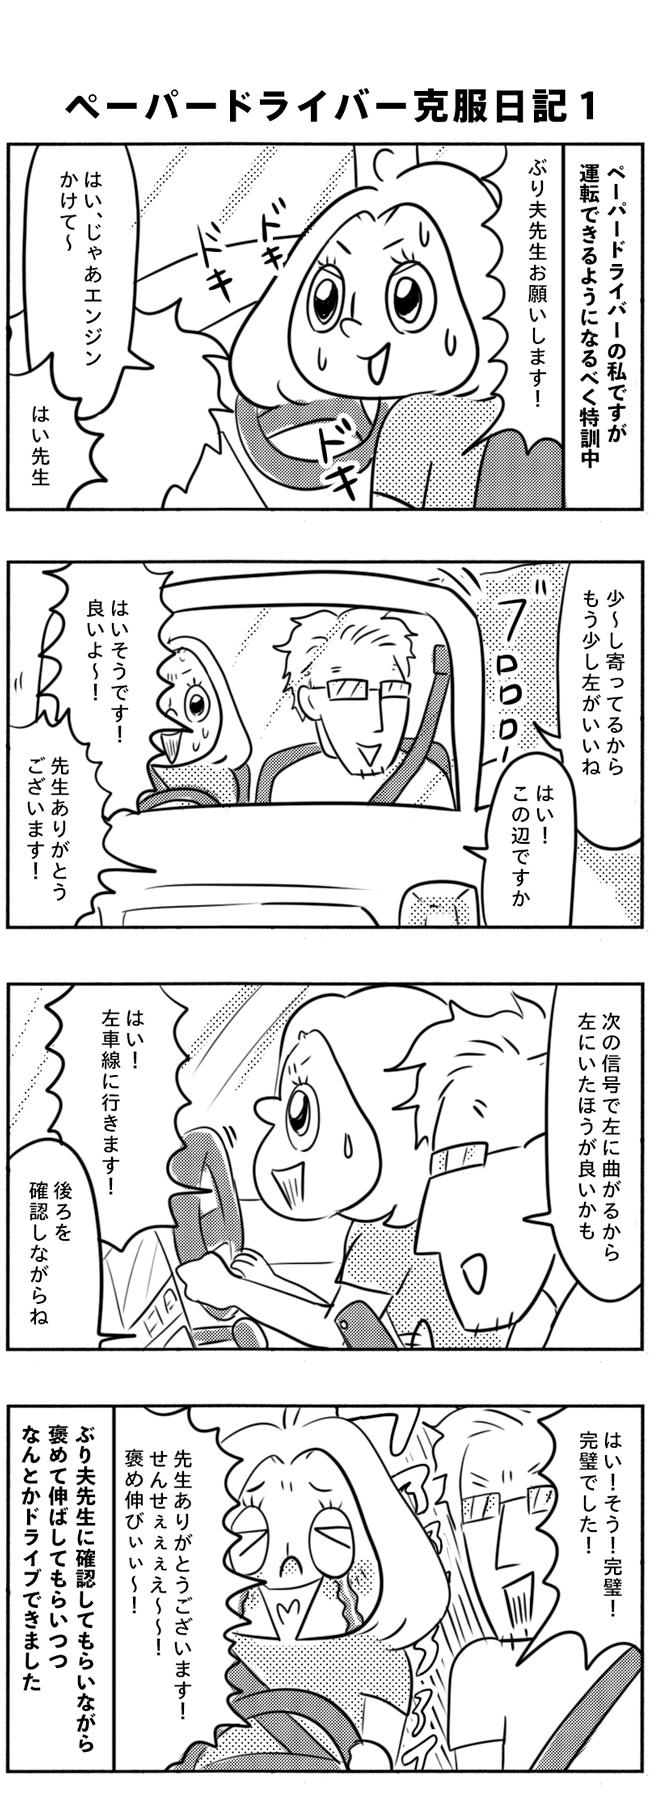 【四コマ漫画】Pちゃんの挑戦!ペーパードライバー克服日記1